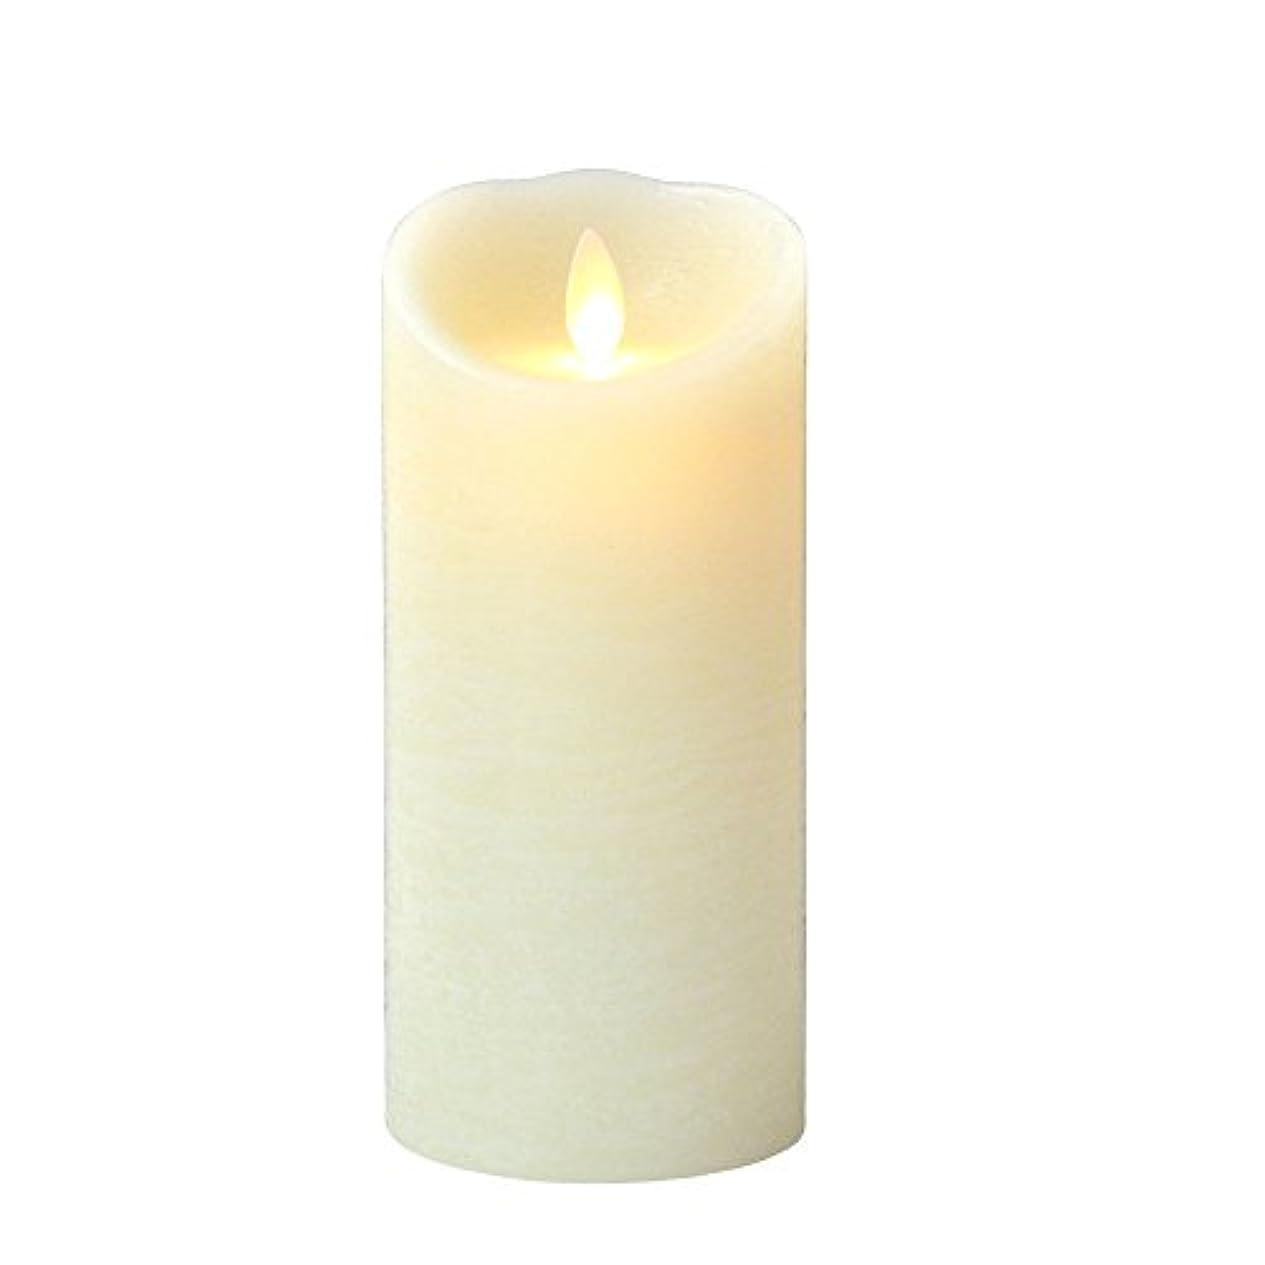 研究所品弾性癒しの香りが素敵な間接照明! LUMINARA ルミナラ ピラー3×6 ラスティク B0320-00-20 IV?オーシャンブリーズ